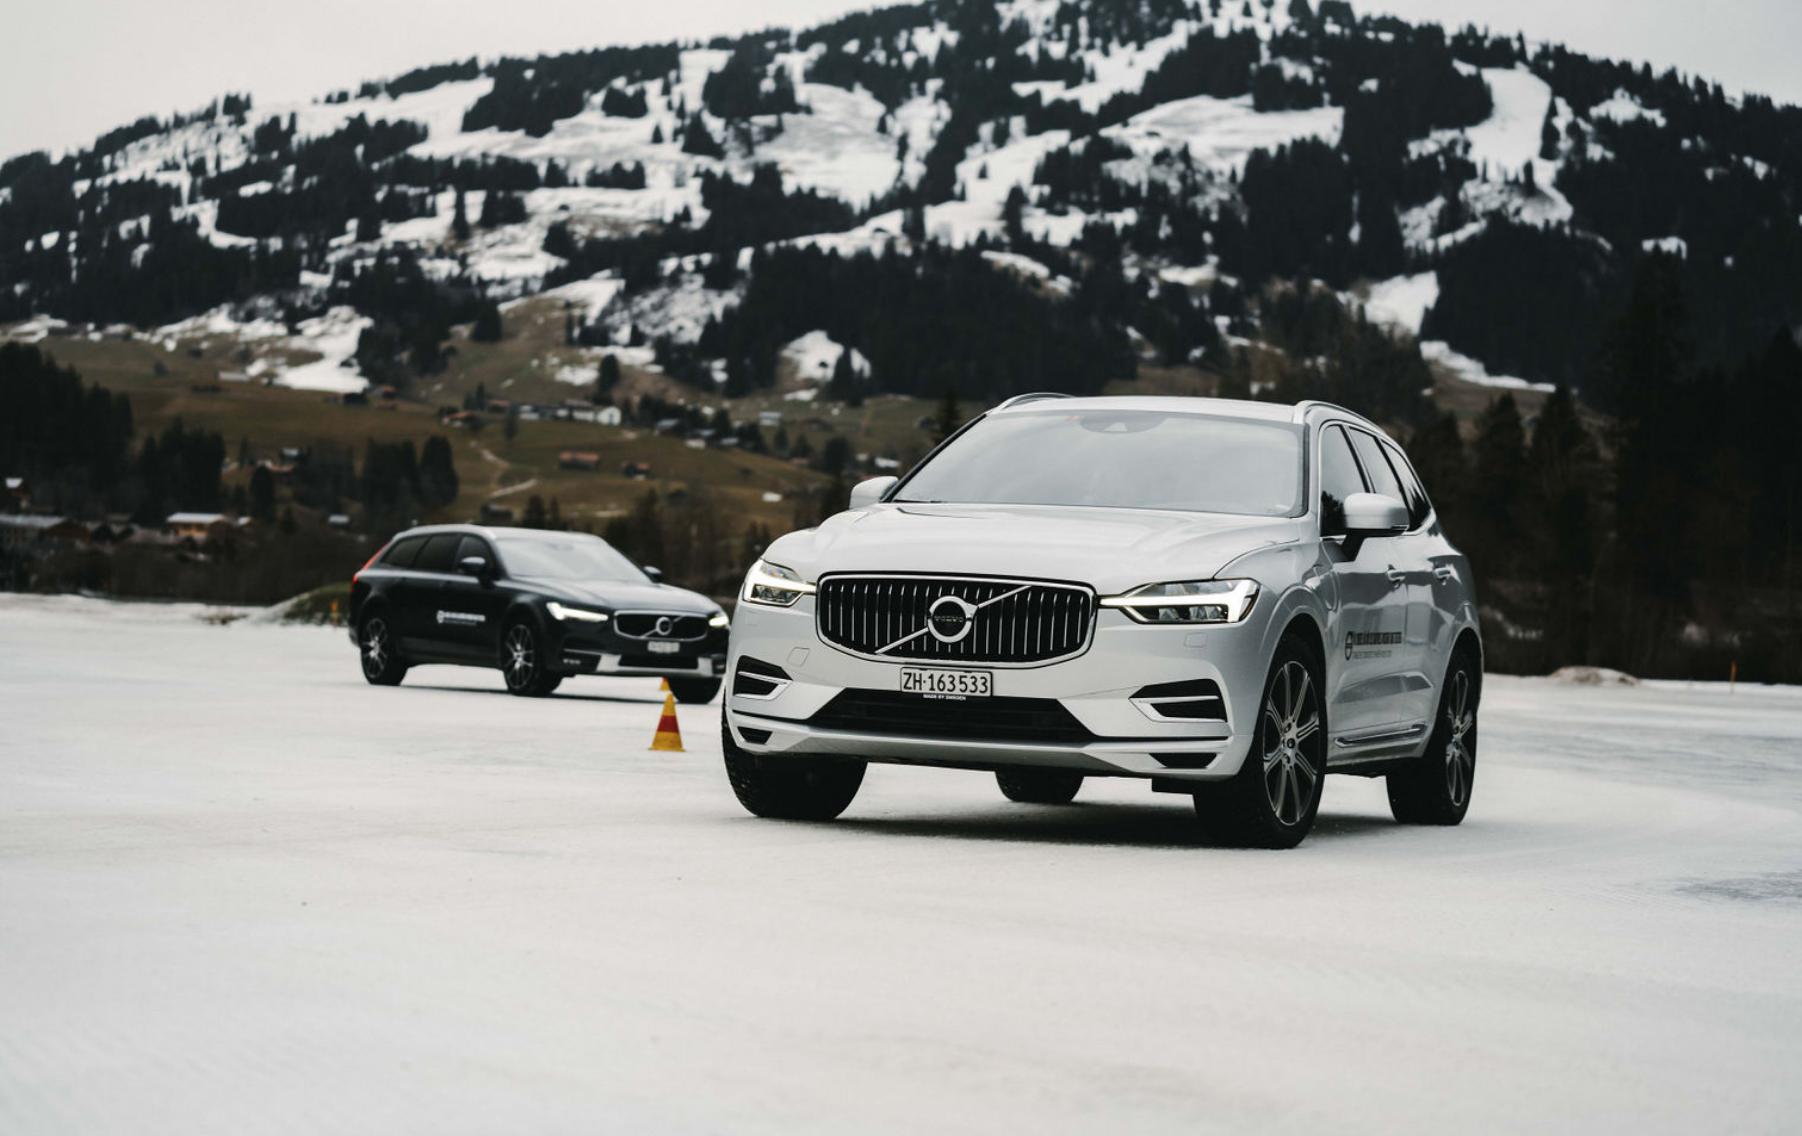 Inmitten schönster Alpenwelt fand das Fahrtraining statt.